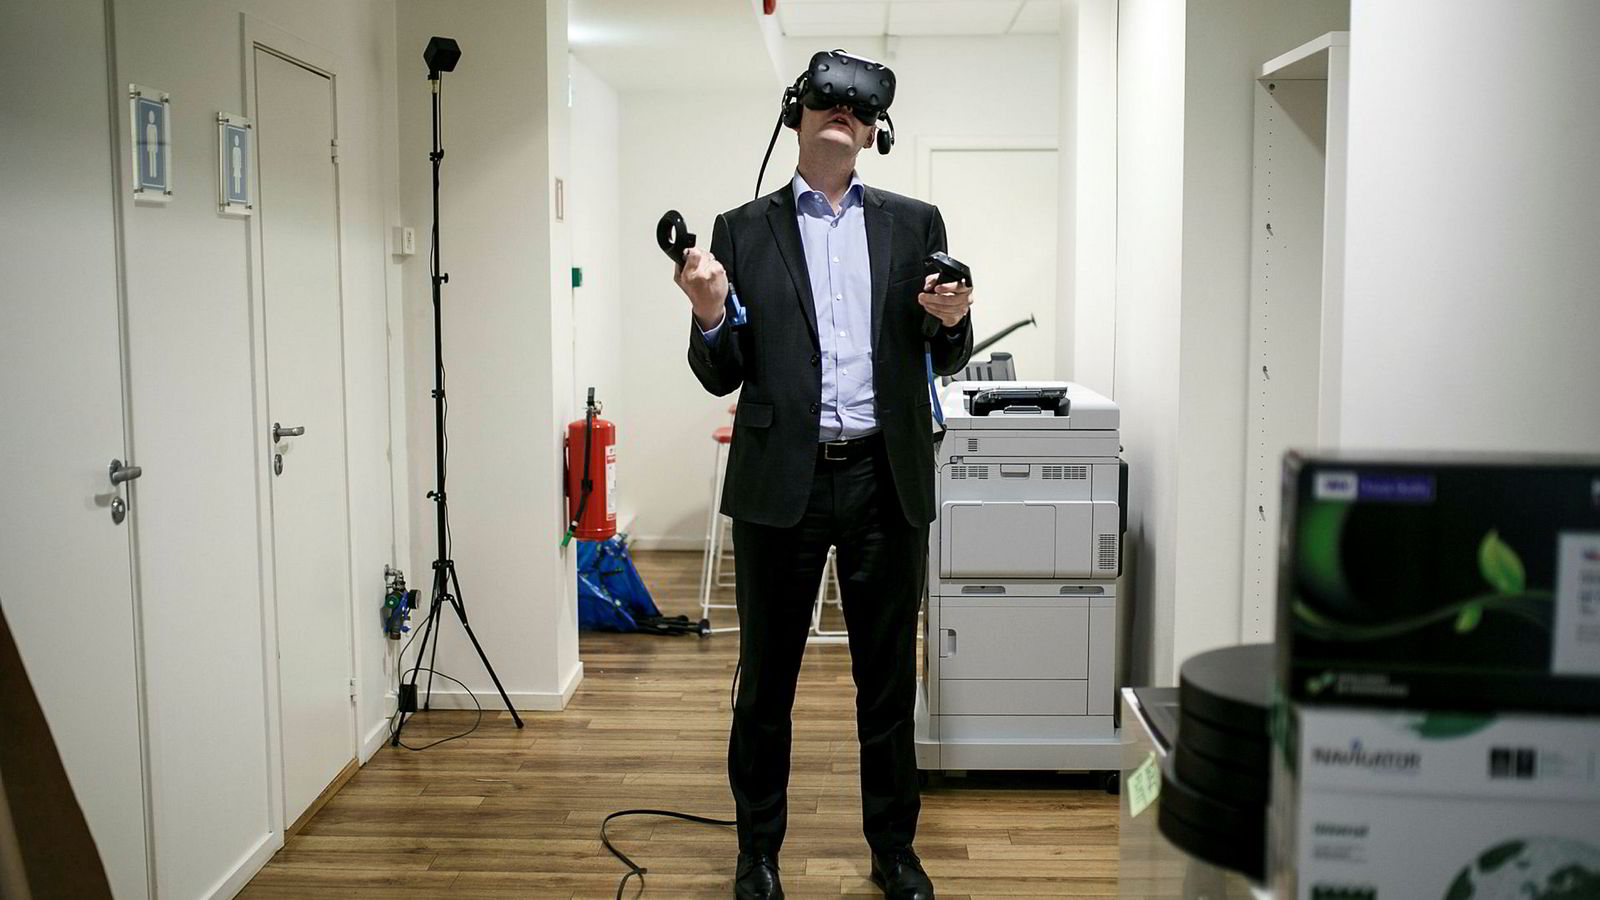 Administrerende direktør Haakon H. Jensen i Investinor får en guidet tur på en oljeplattform mens hans står i Dimension 10 sine lokaler i Øvre Slottsgate i Oslo sentrum.